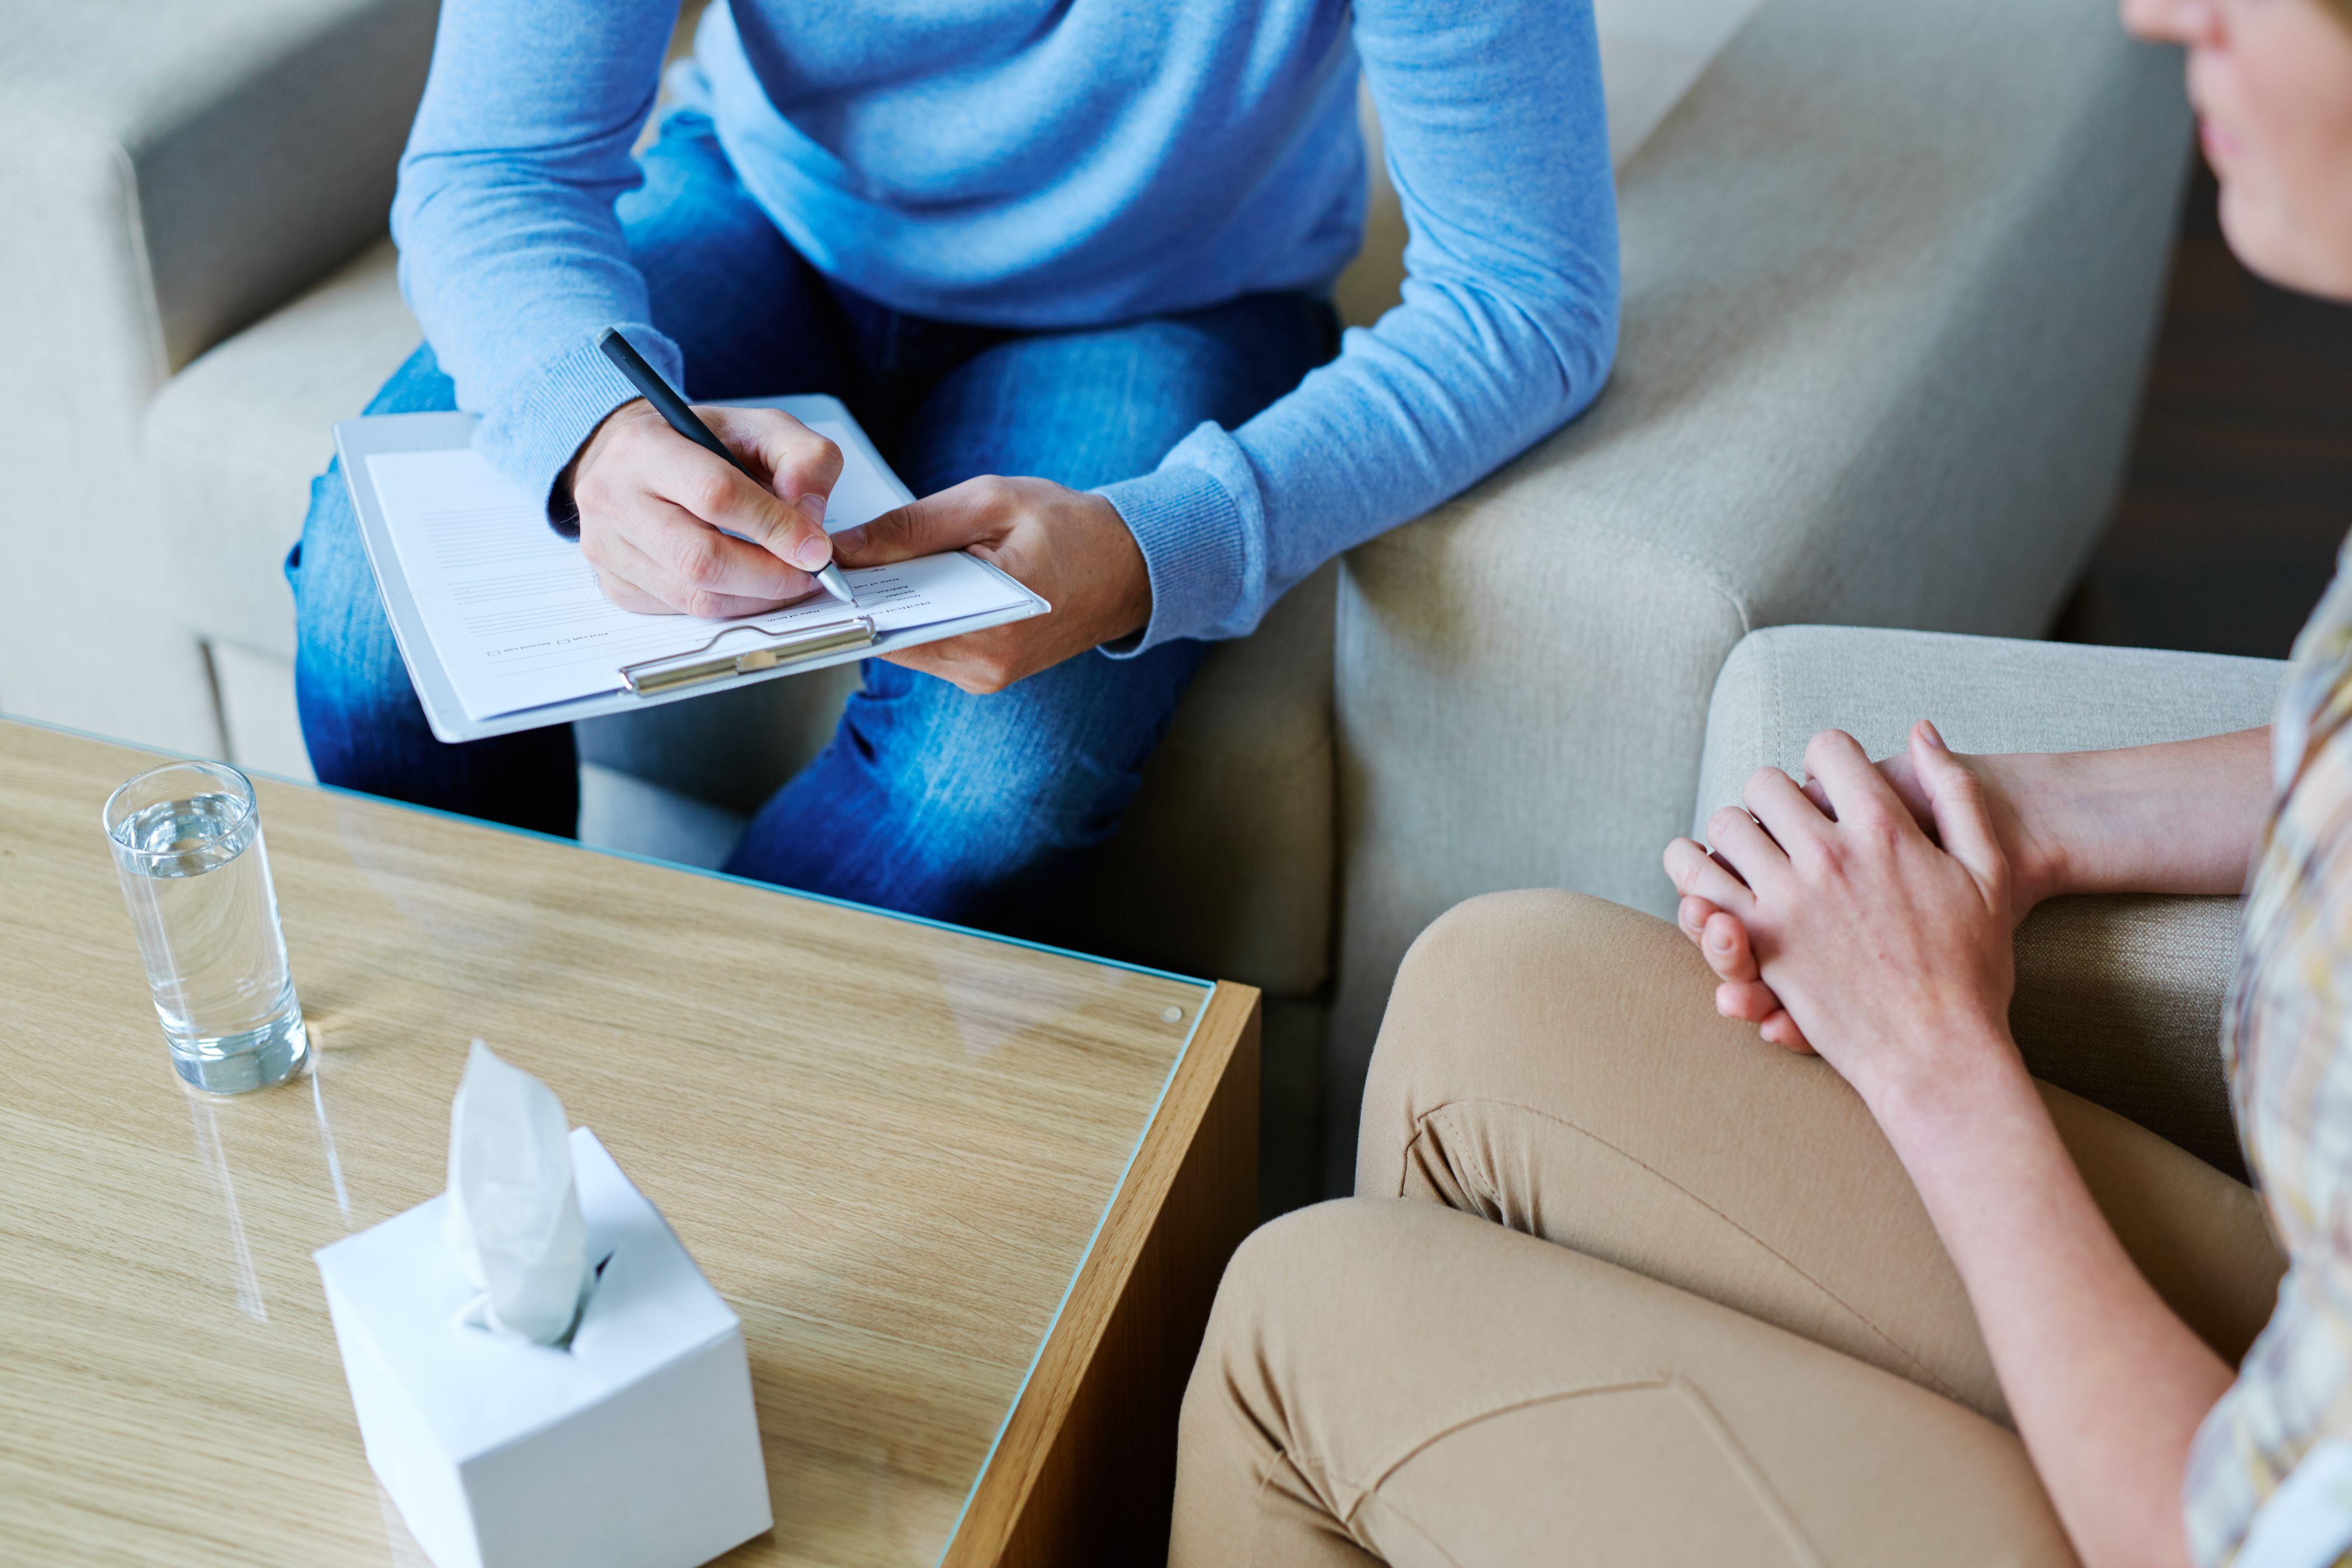 Psicoterapia on line y a domicilio: Terapias de Psicoter Alma